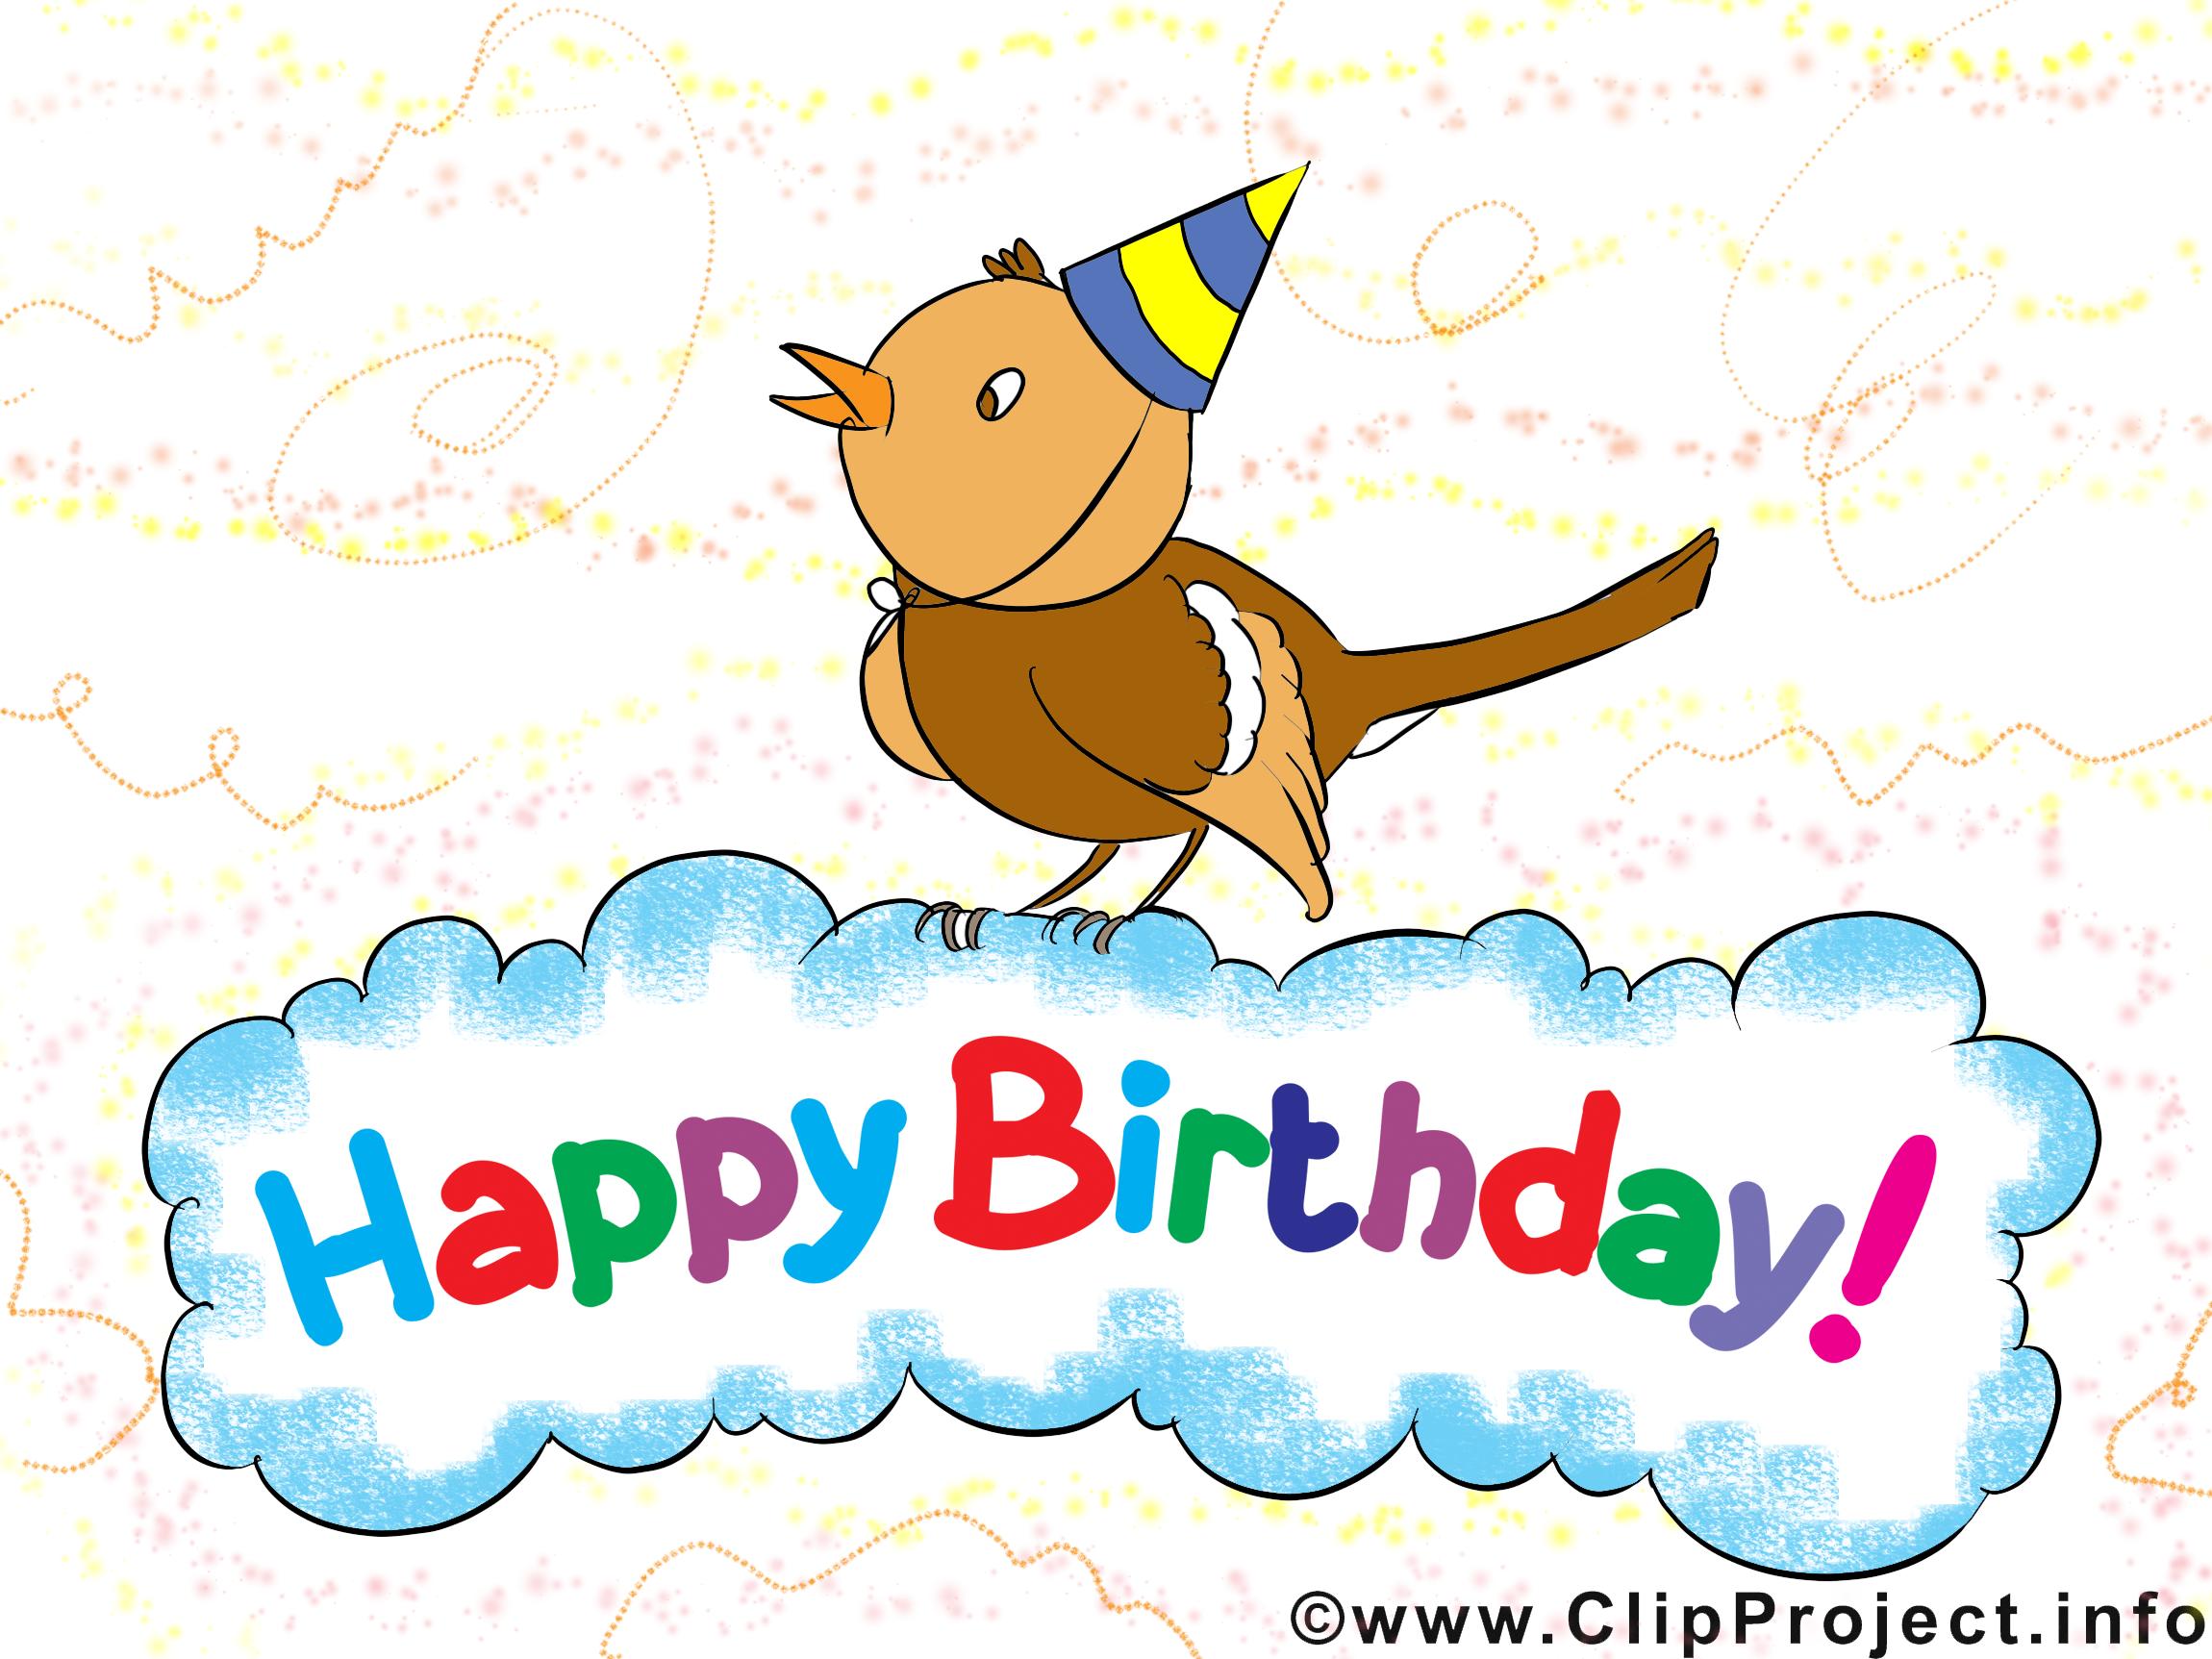 Souvent Joyeux anniversaire images gratuites clipart - Anniversaire dessin  JA46